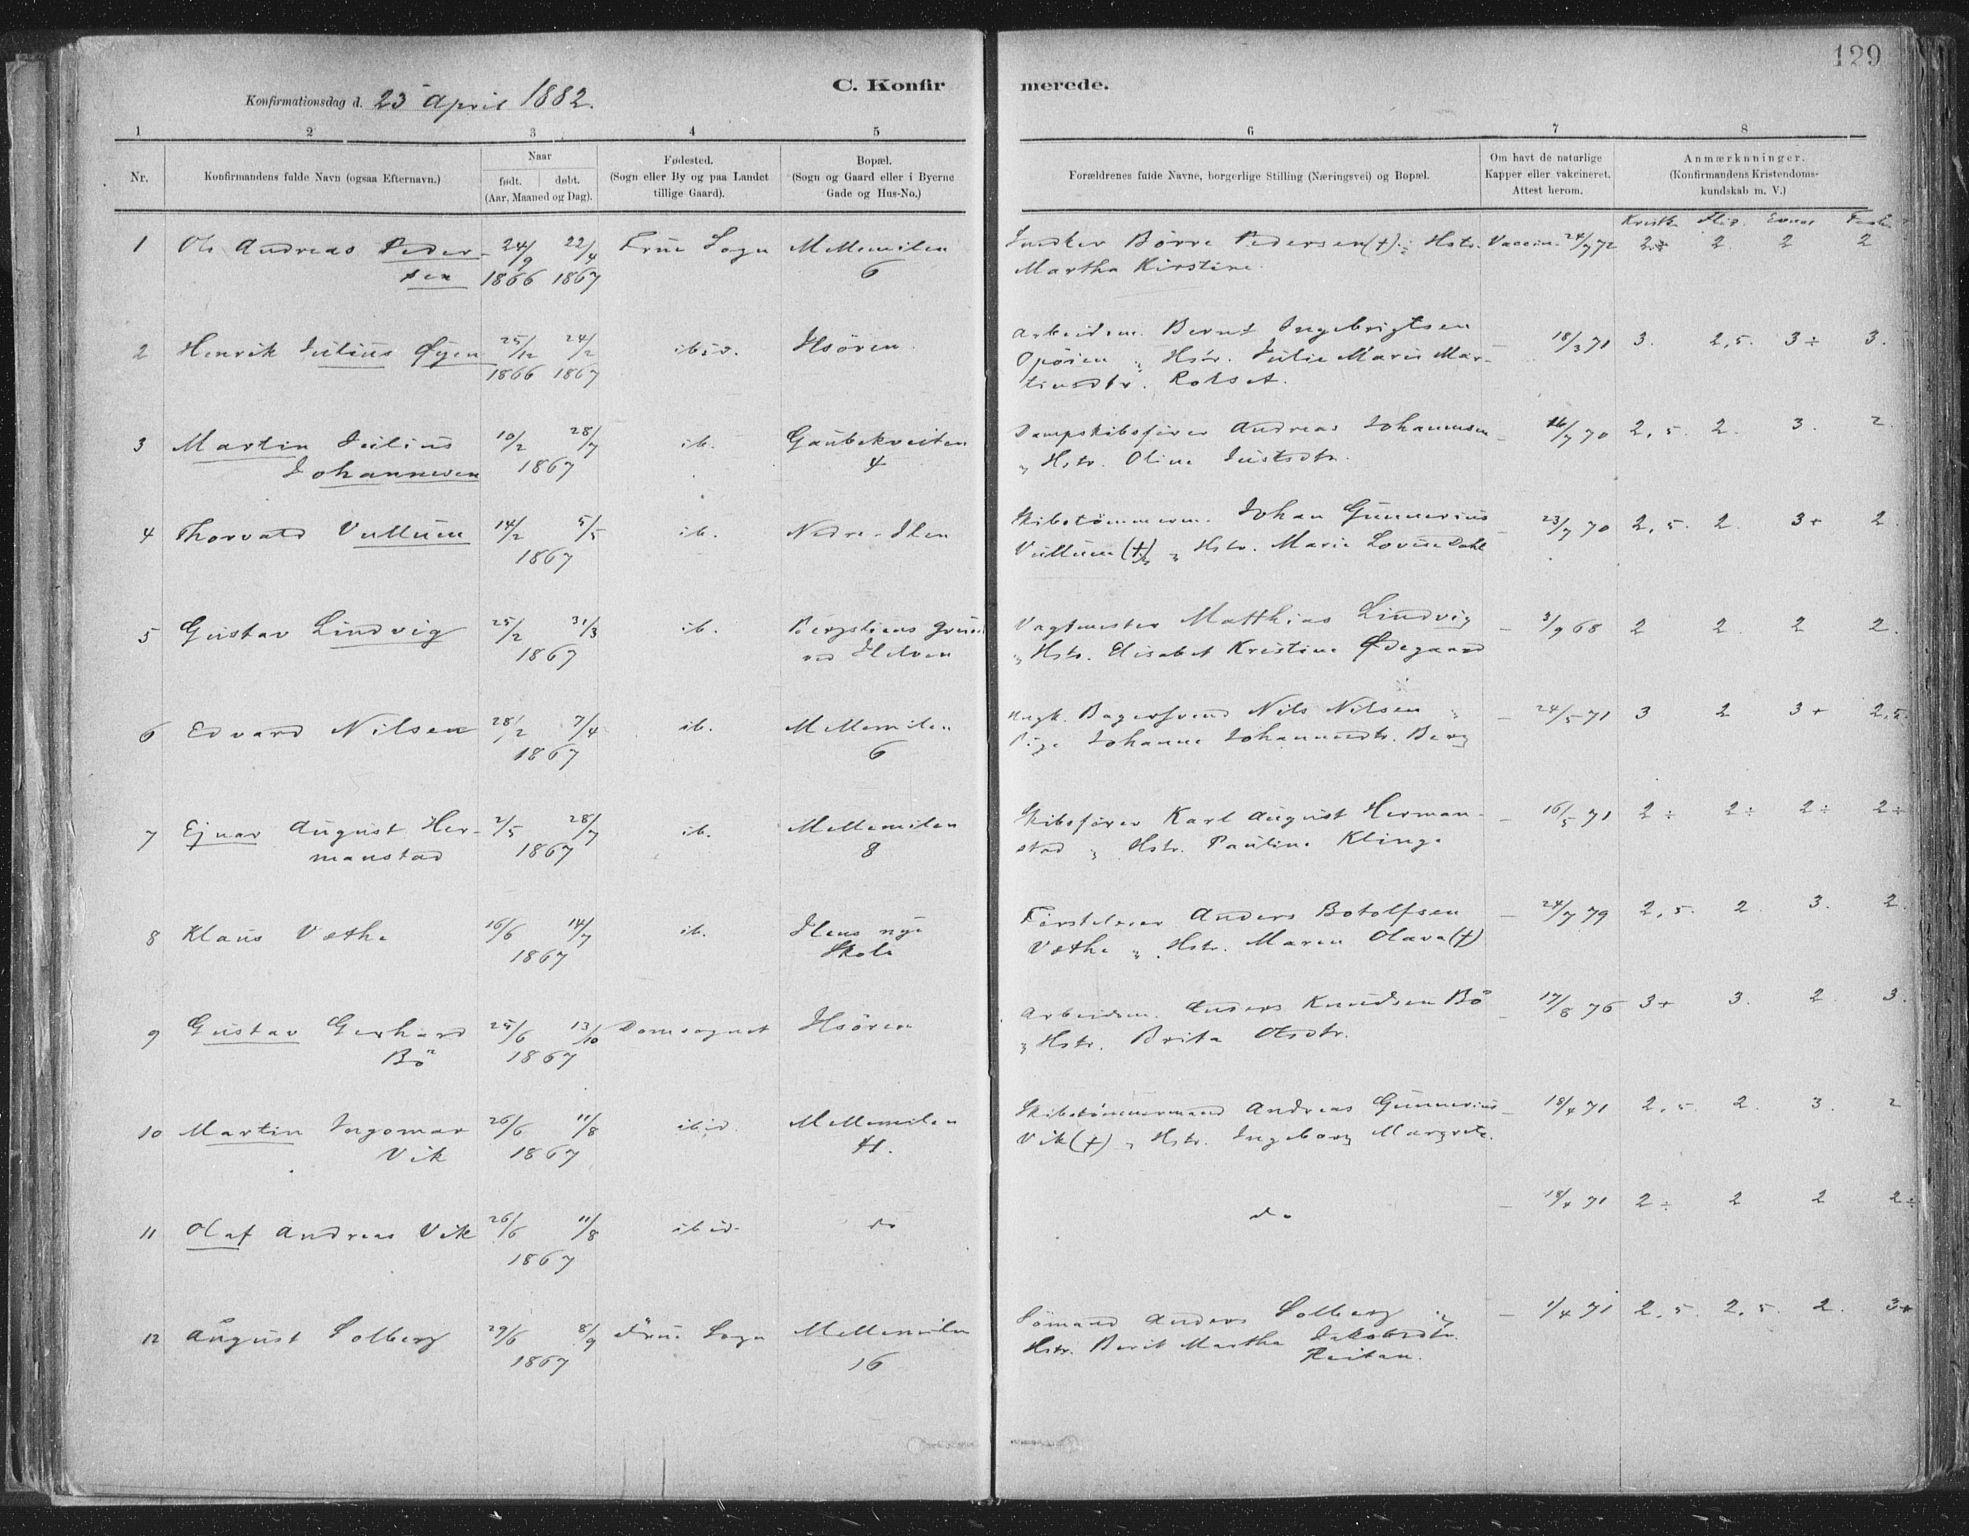 SAT, Ministerialprotokoller, klokkerbøker og fødselsregistre - Sør-Trøndelag, 603/L0162: Ministerialbok nr. 603A01, 1879-1895, s. 129